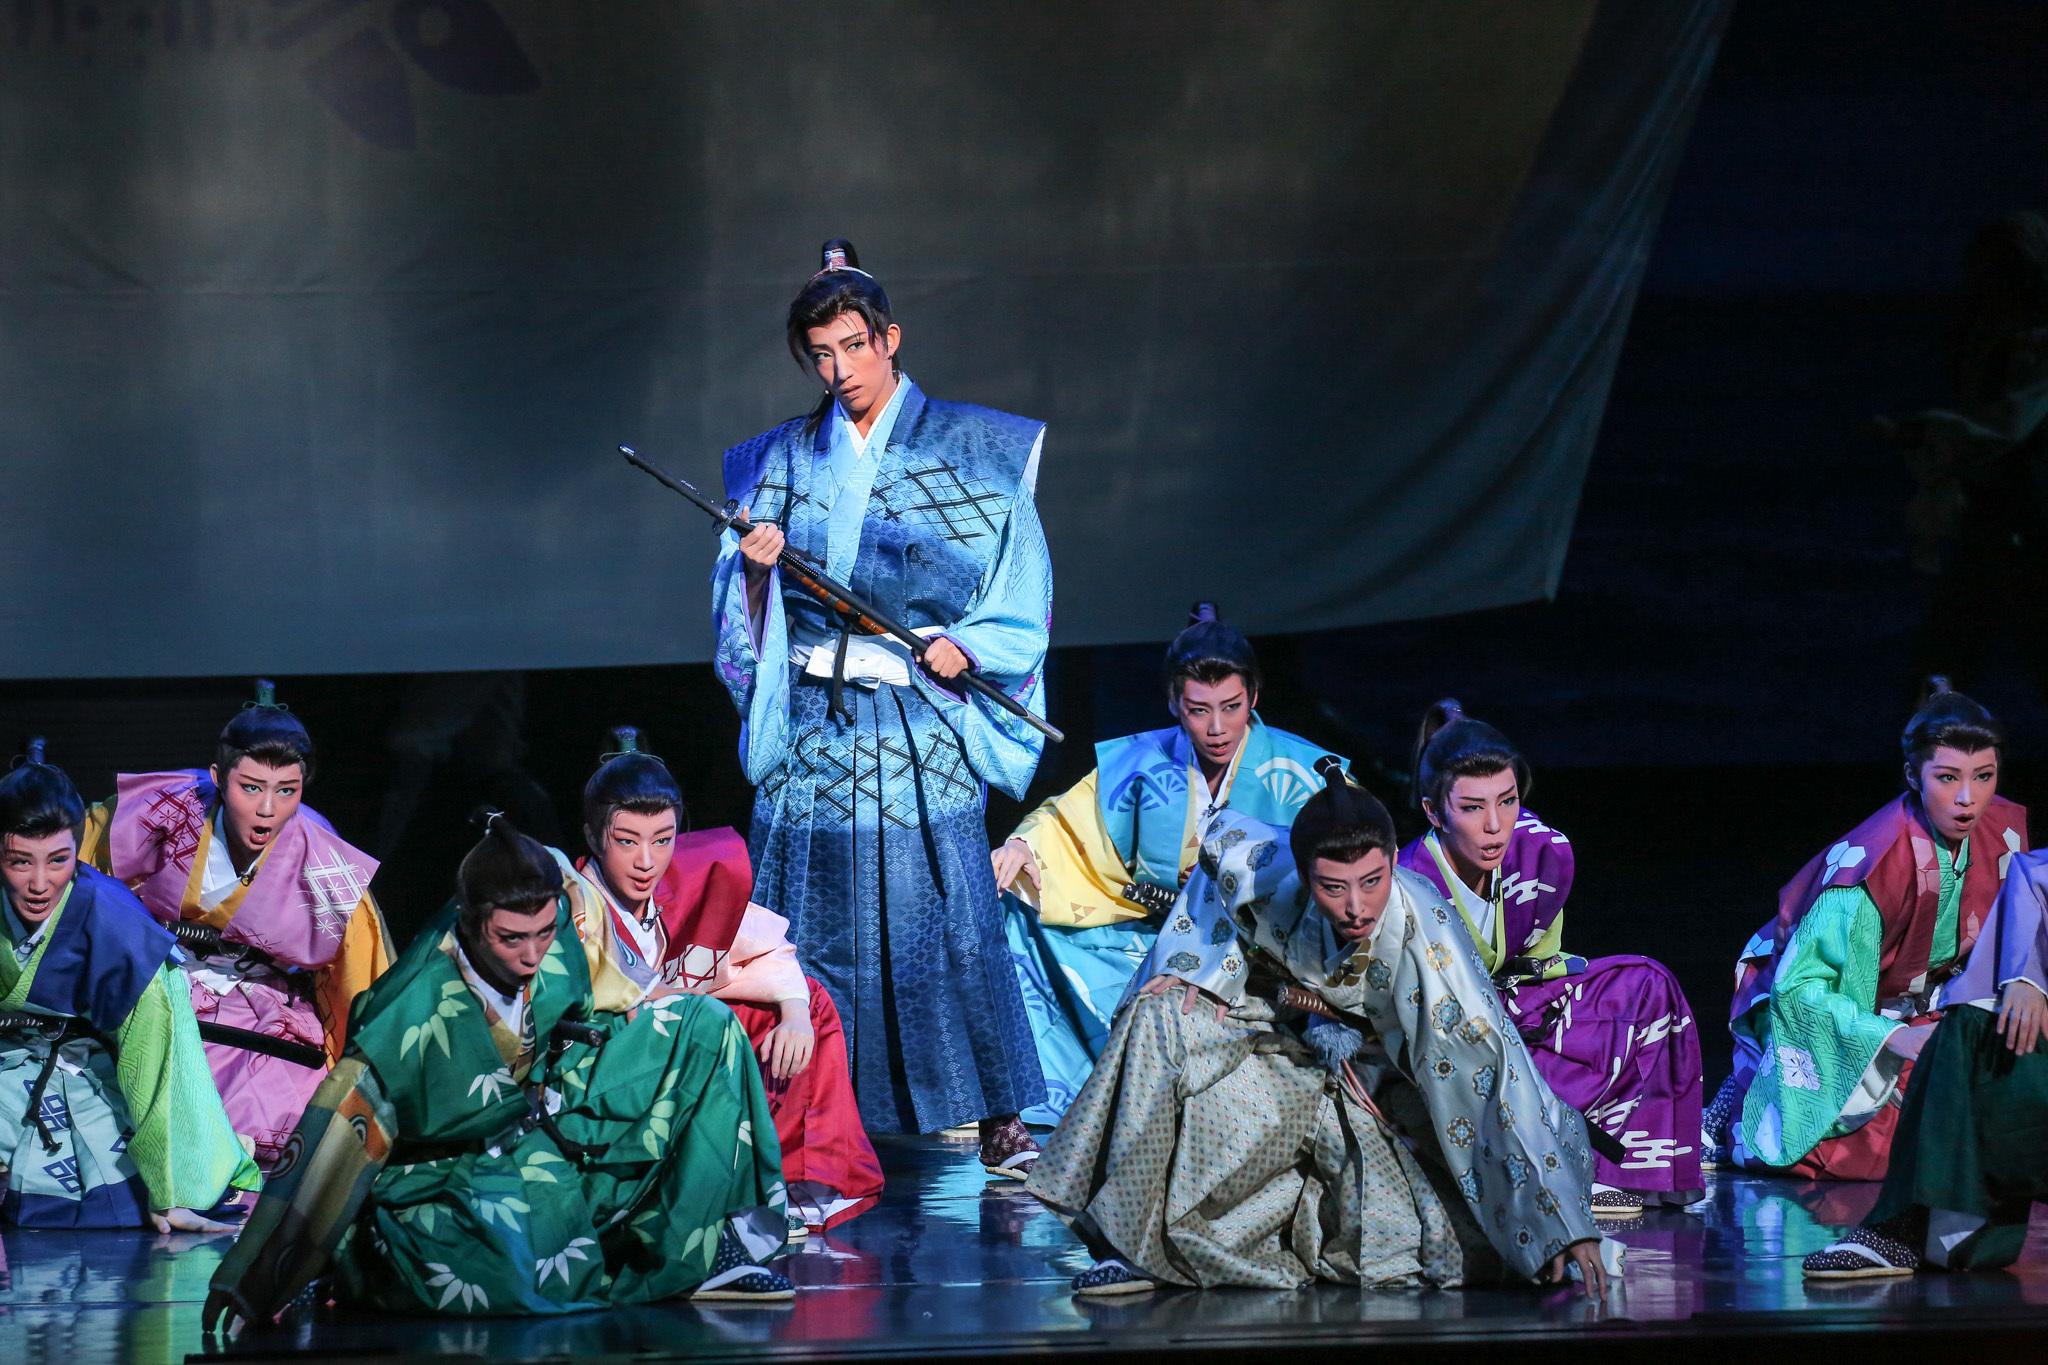 宝塚ミュージカル・ロマン 『El Japón(エル ハポン) -イスパニアのサムライ-』